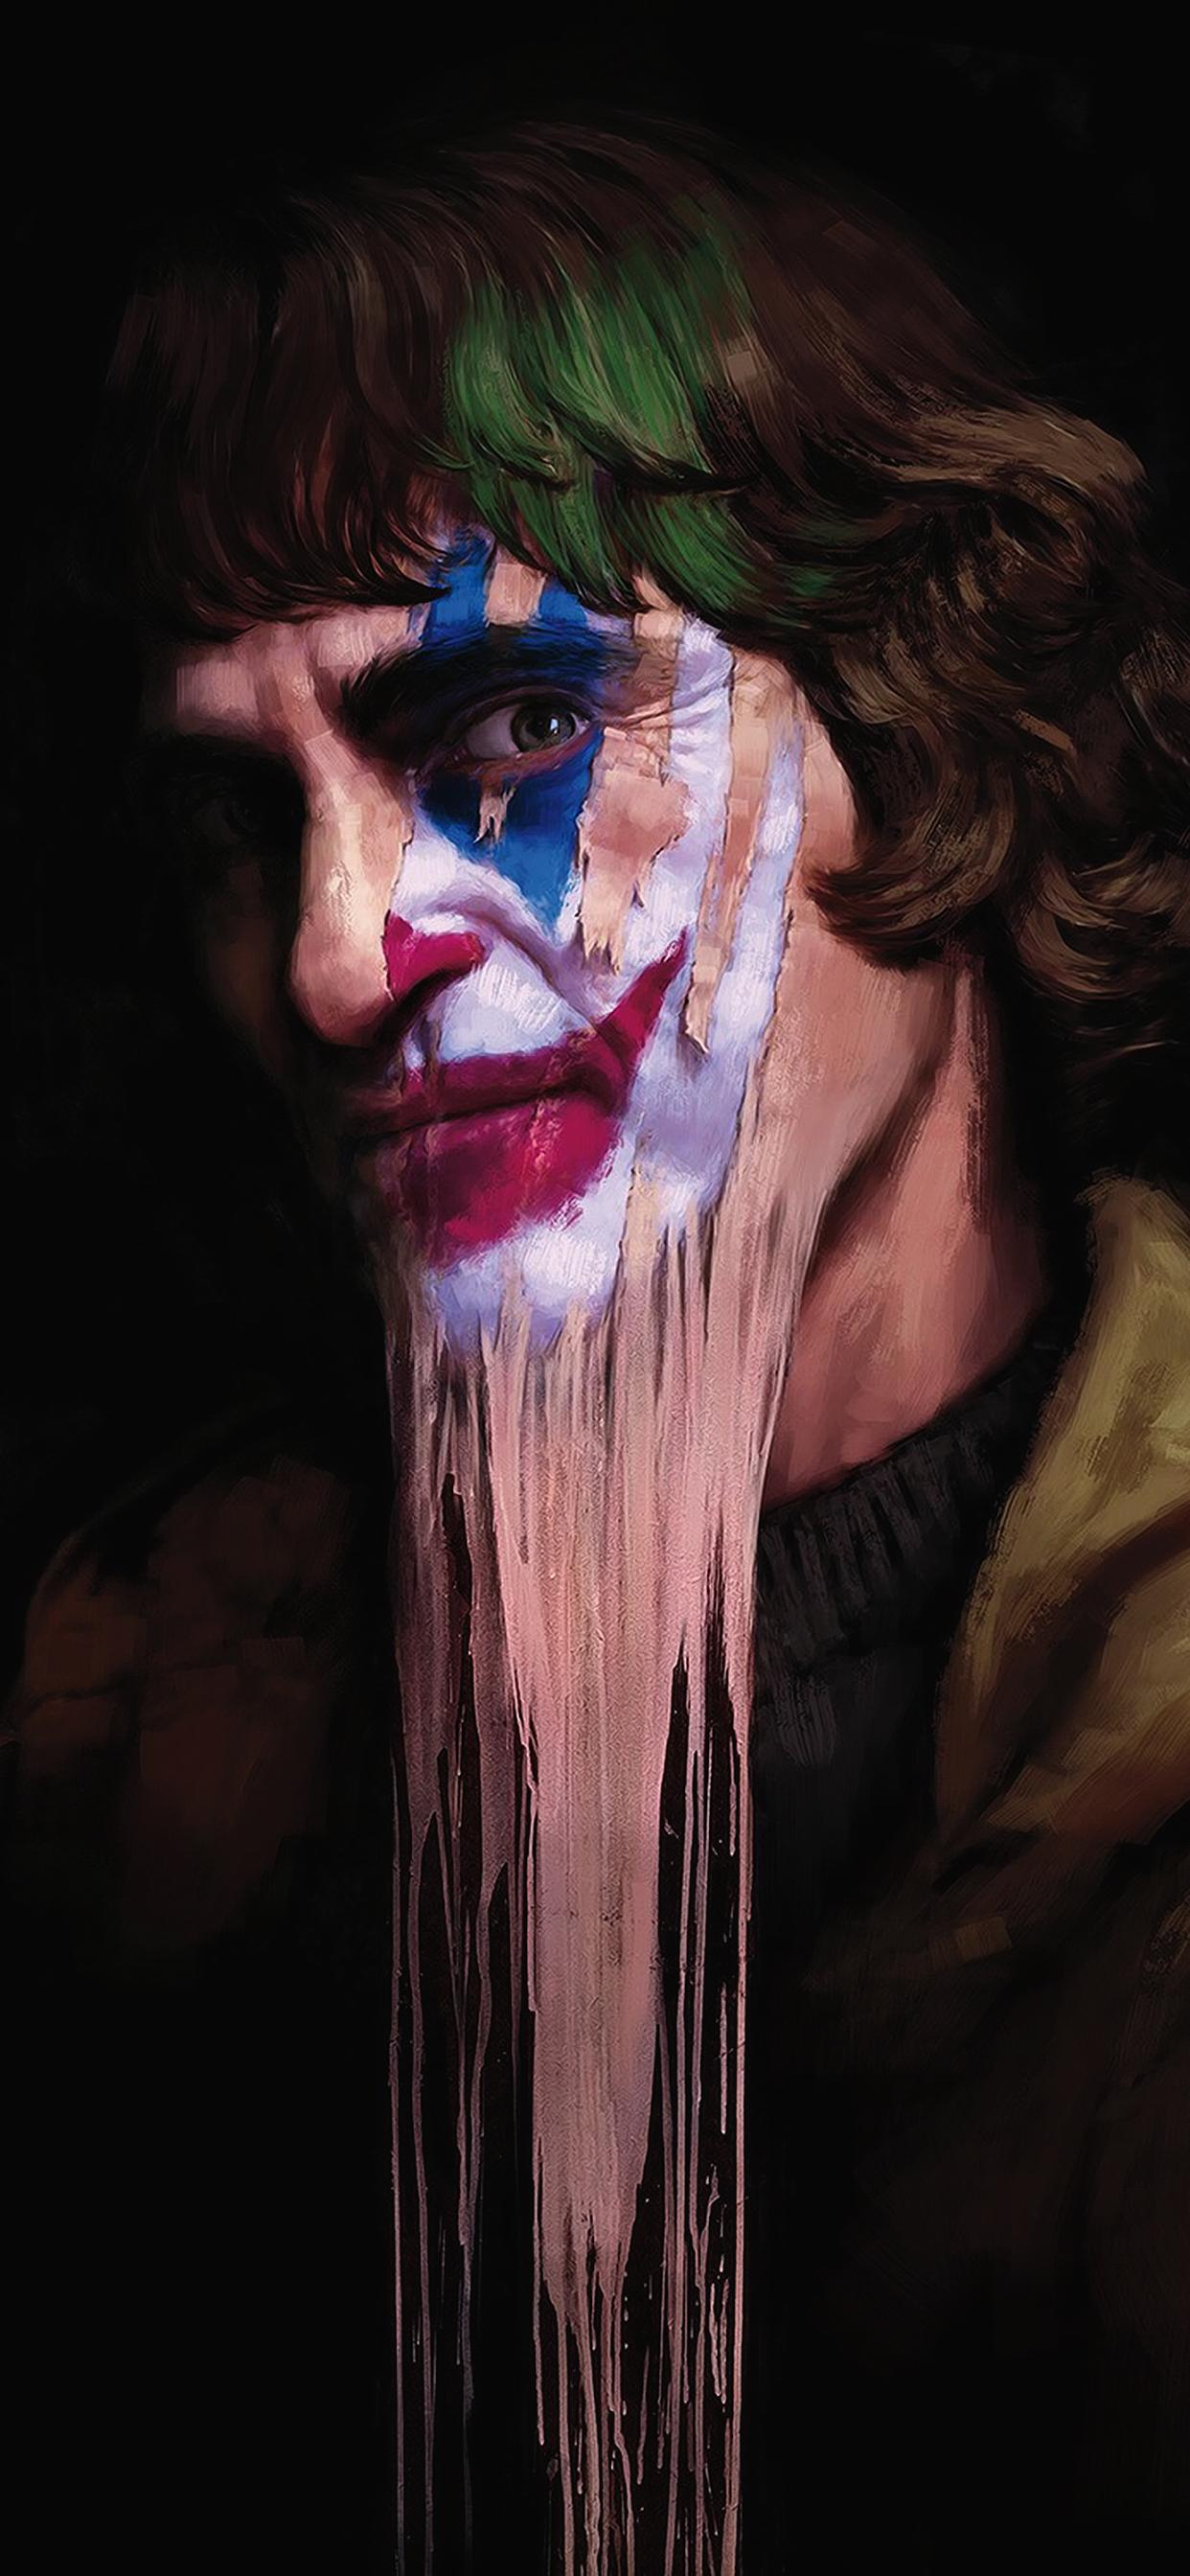 1242x2688 Joker Joaquin Phoenix Iphone Xs Max Wallpaper Hd